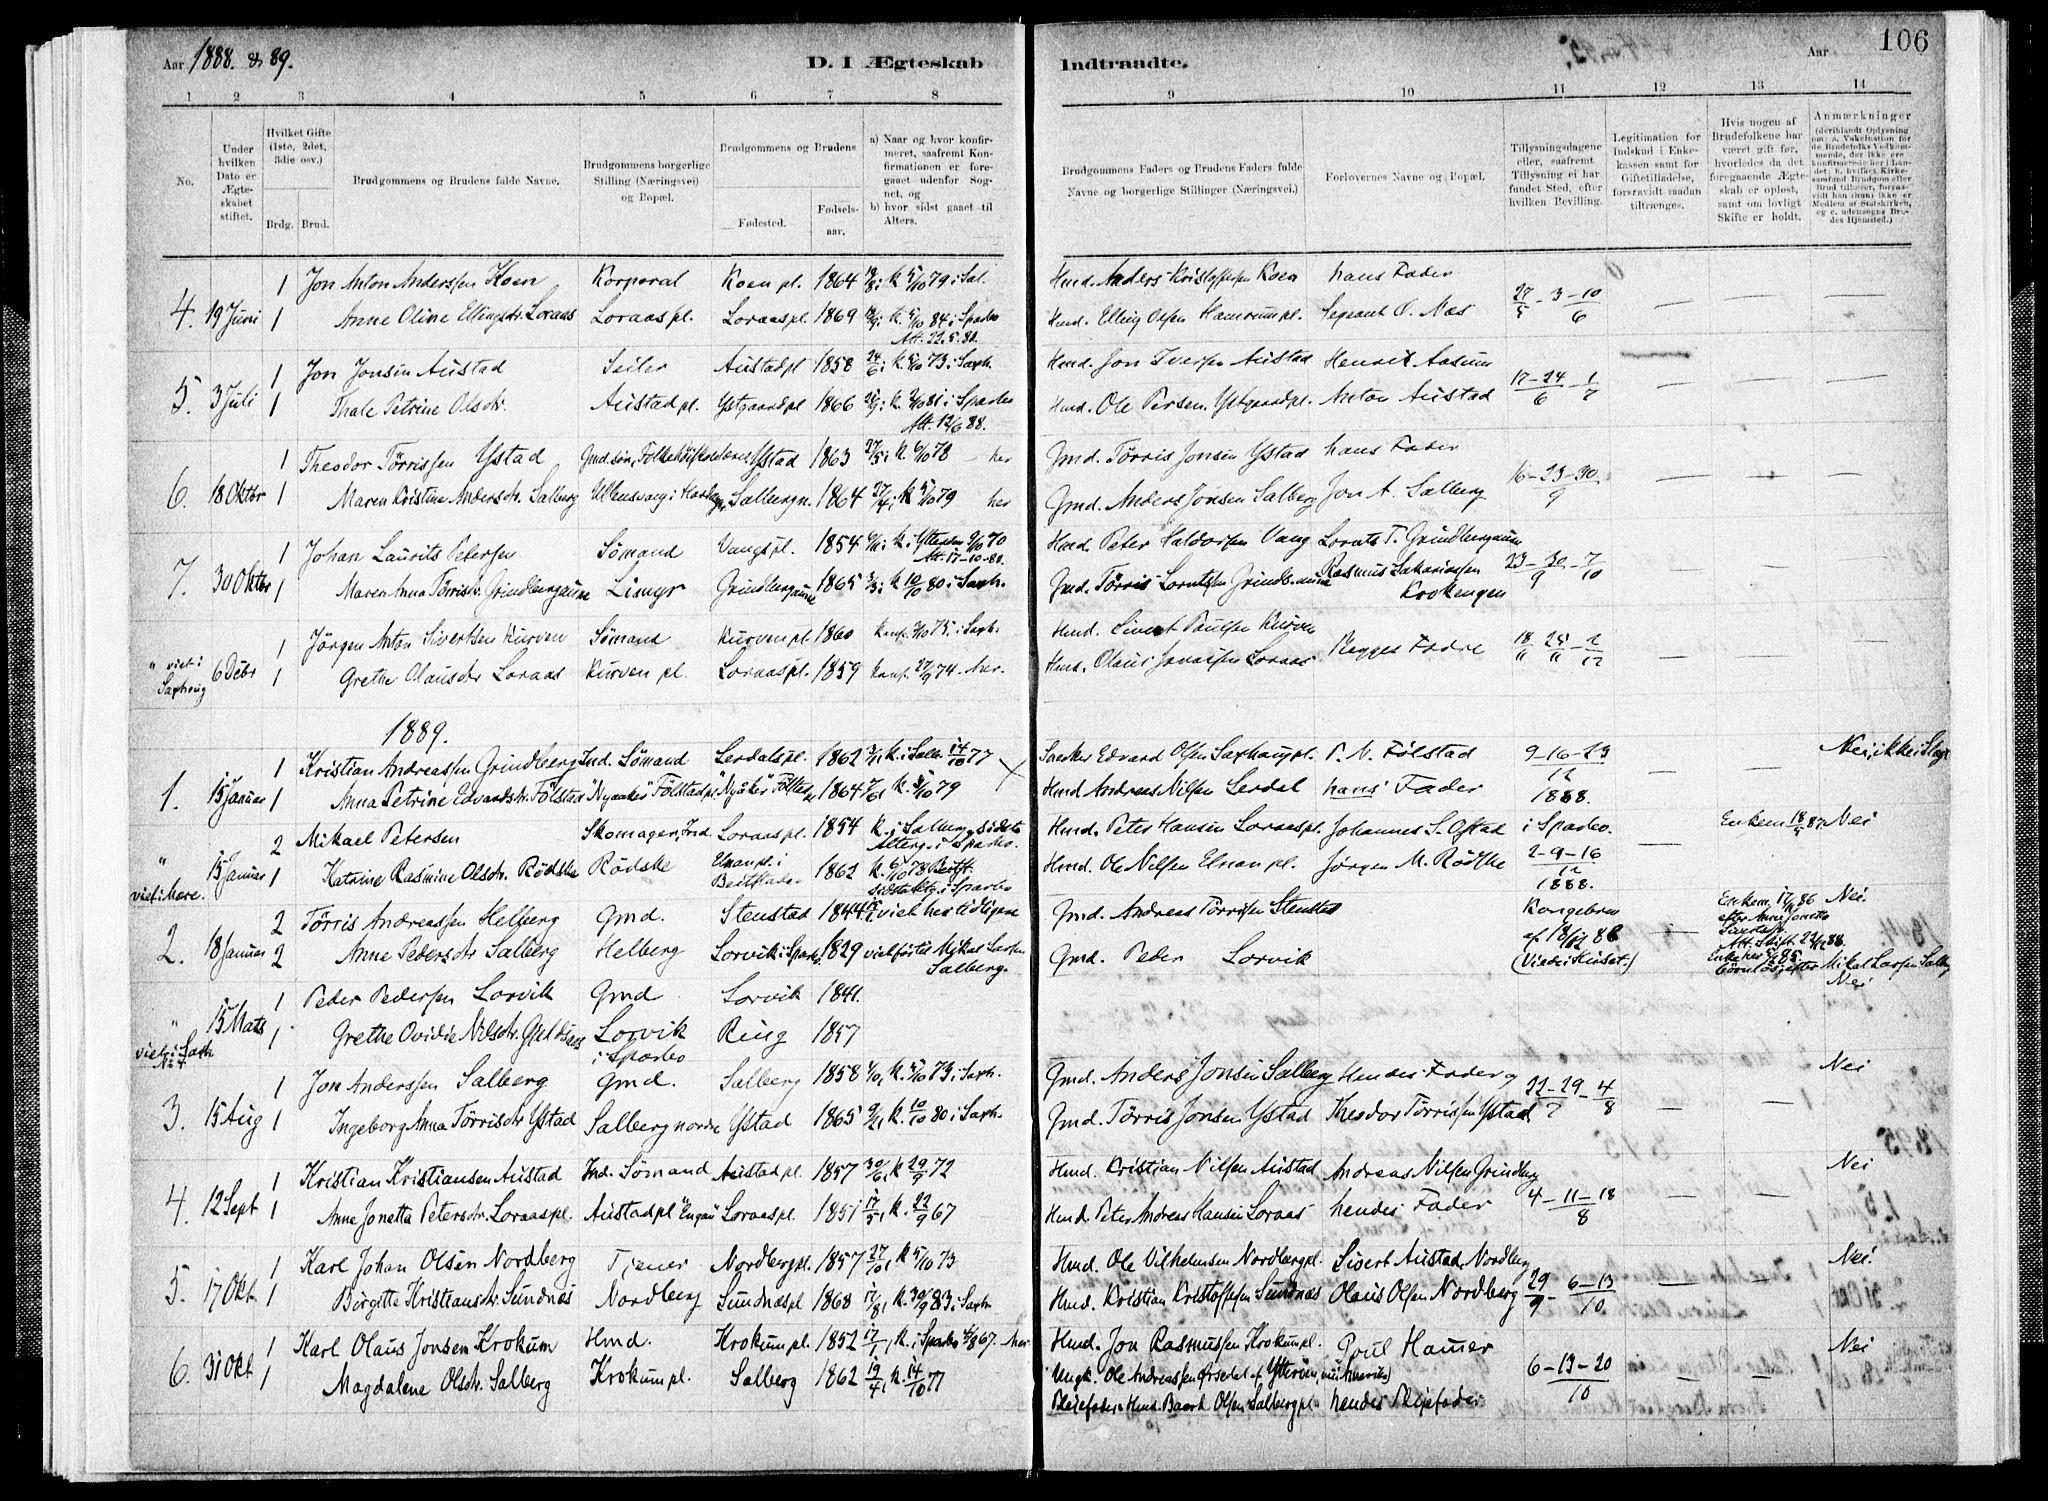 SAT, Ministerialprotokoller, klokkerbøker og fødselsregistre - Nord-Trøndelag, 731/L0309: Ministerialbok nr. 731A01, 1879-1918, s. 106